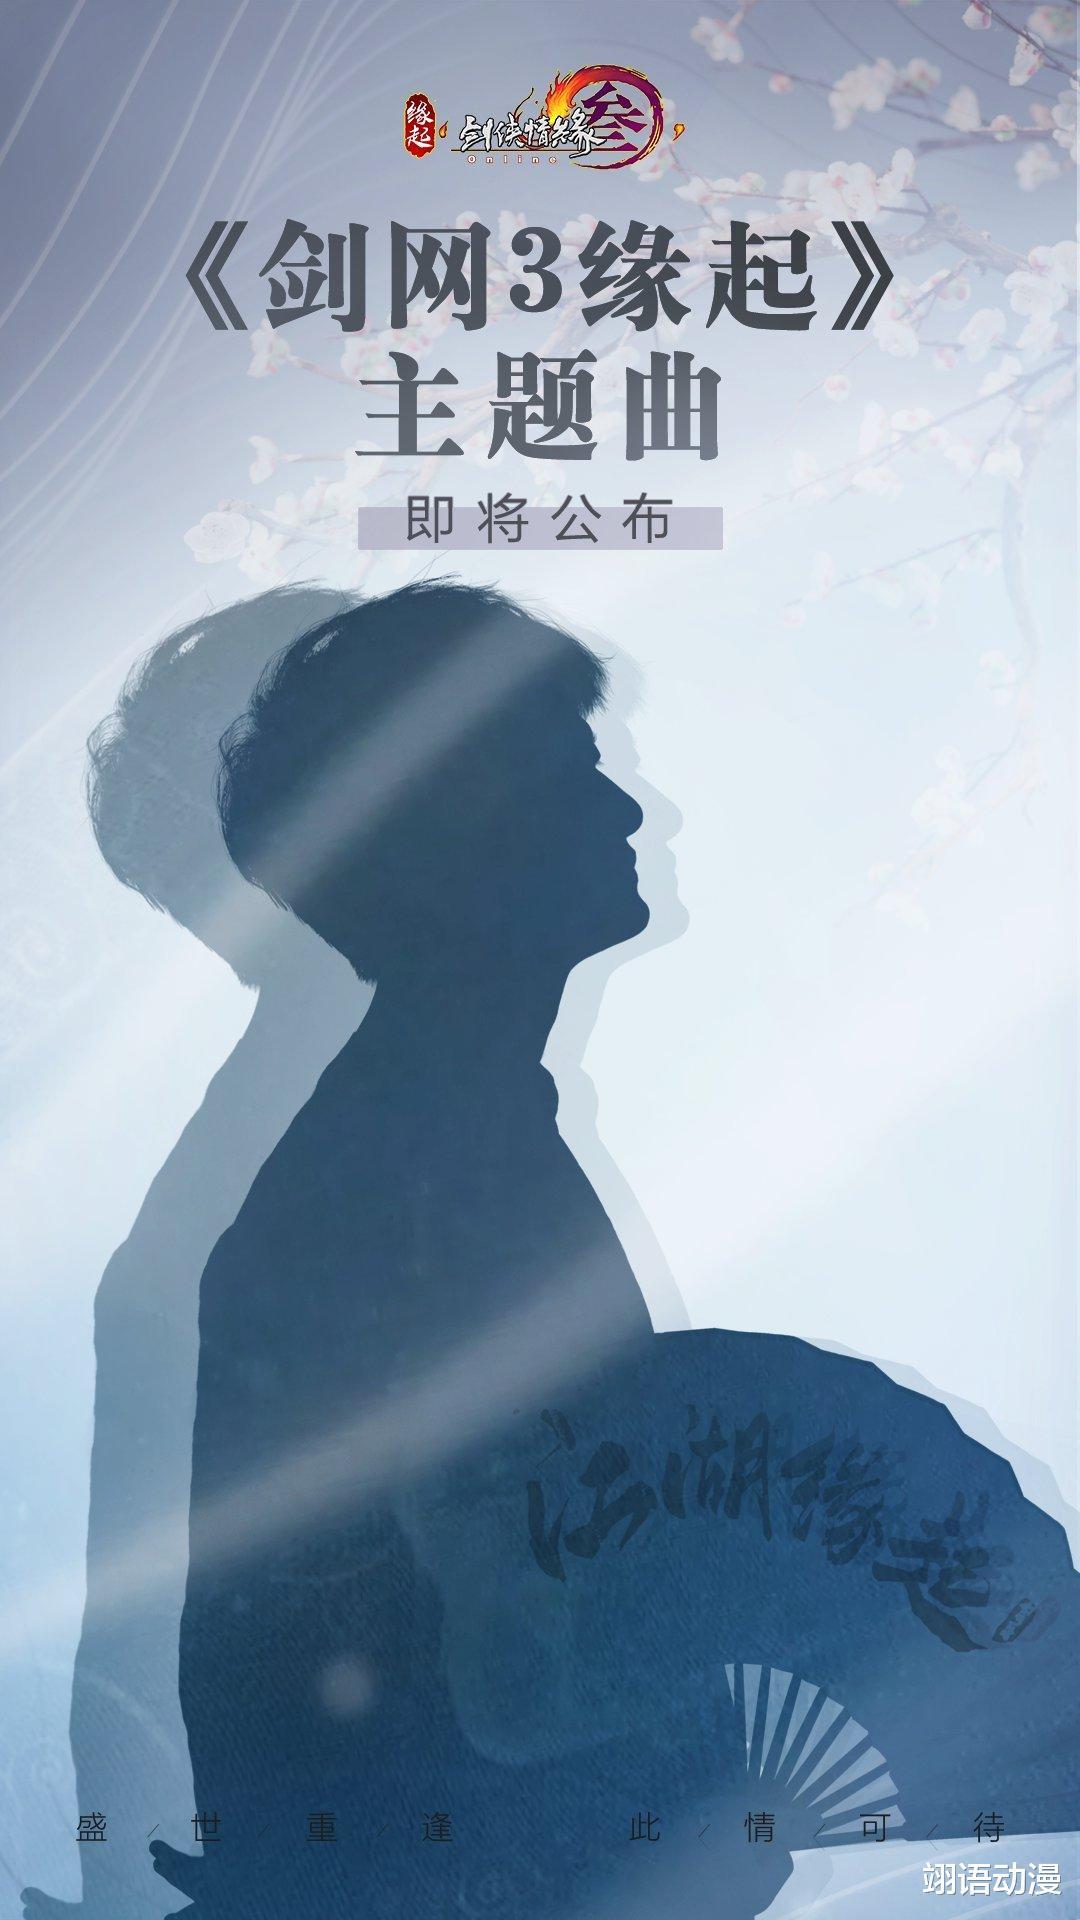 2017娱乐新闻_剑网三缘起迎来周深的歌喉?主题曲将由周深献唱?